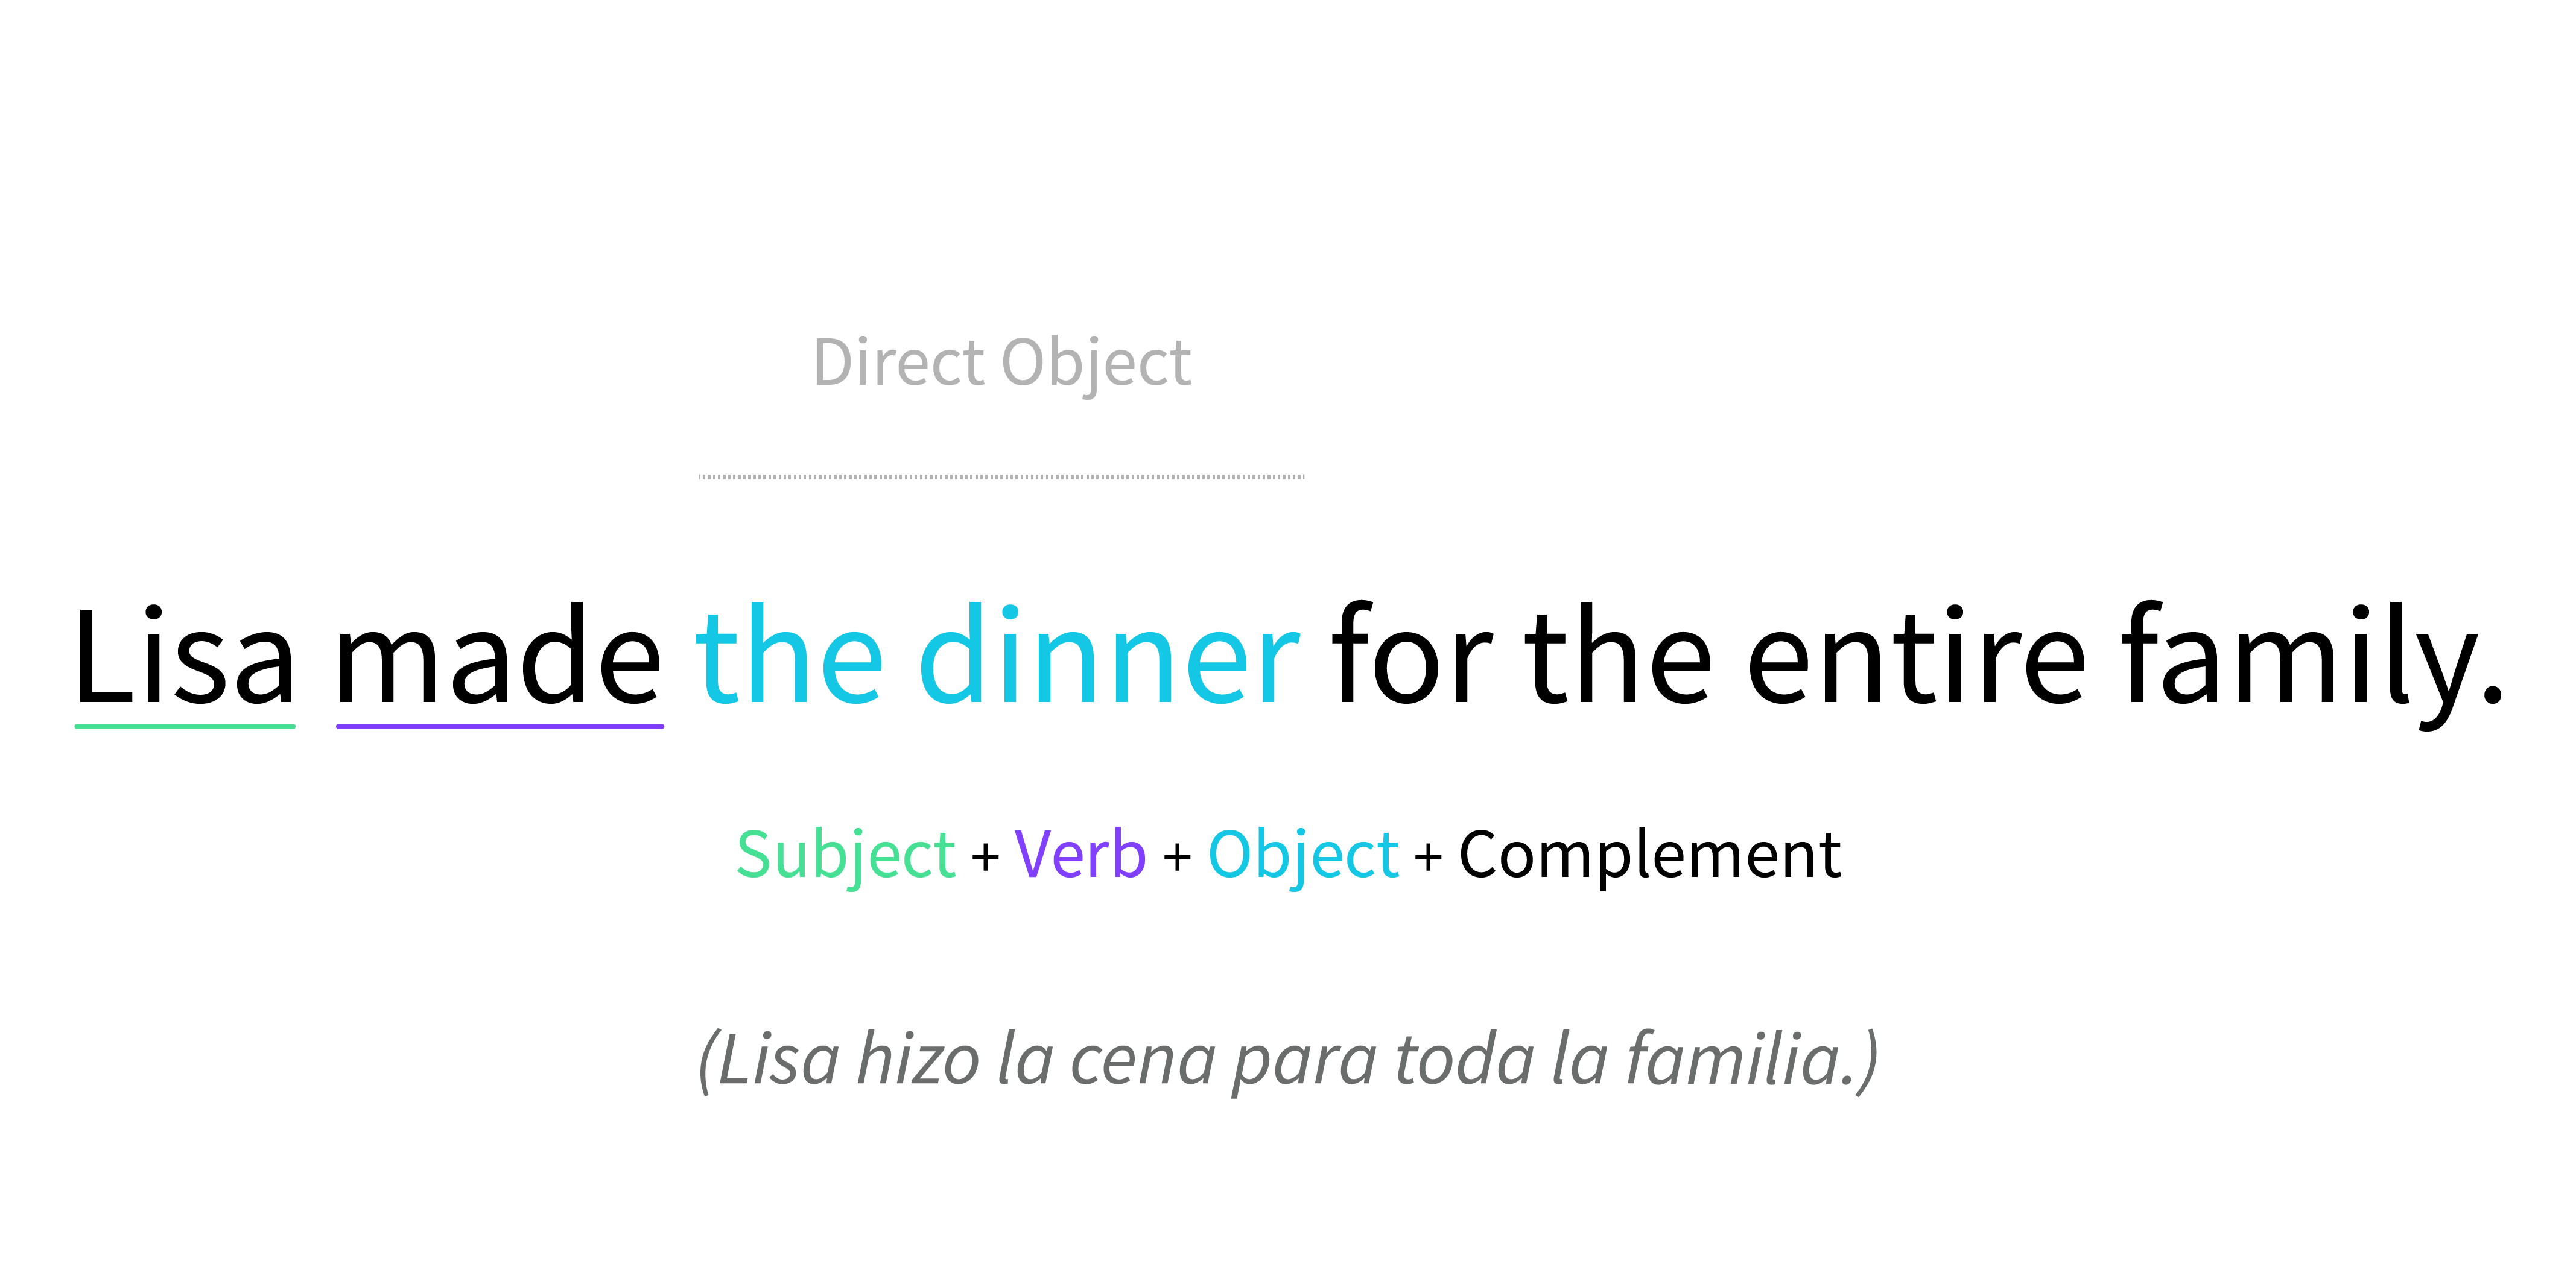 Ejemplo de objeto directo en la oración.